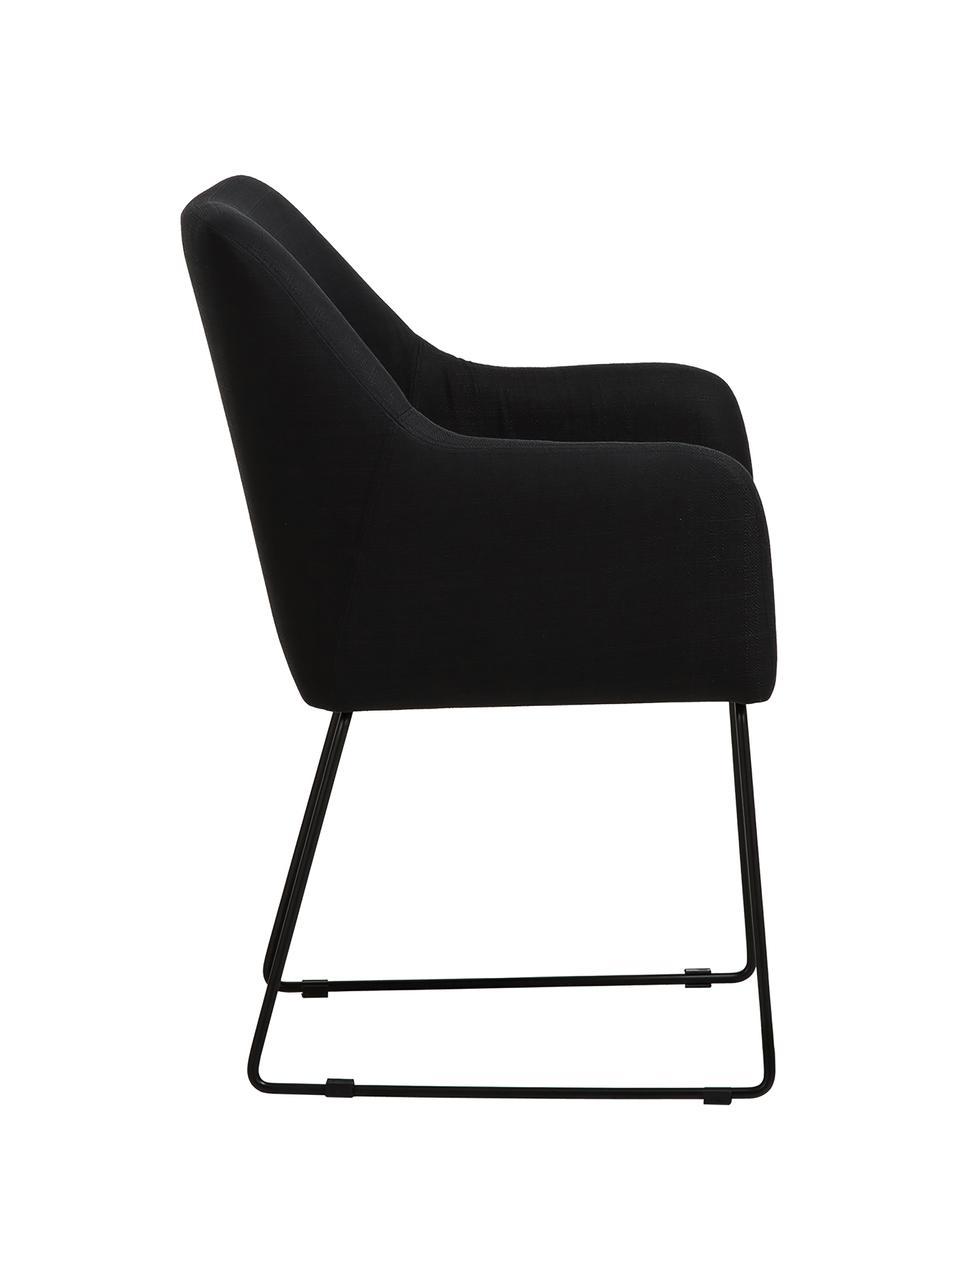 Sedia in velluto con braccioli Isla, Rivestimento: poliestere Con 50.000 cic, Gambe: metallo verniciato a polv, Tessuto nero, gambe nere, Larg. 58 x Prof. 62 cm